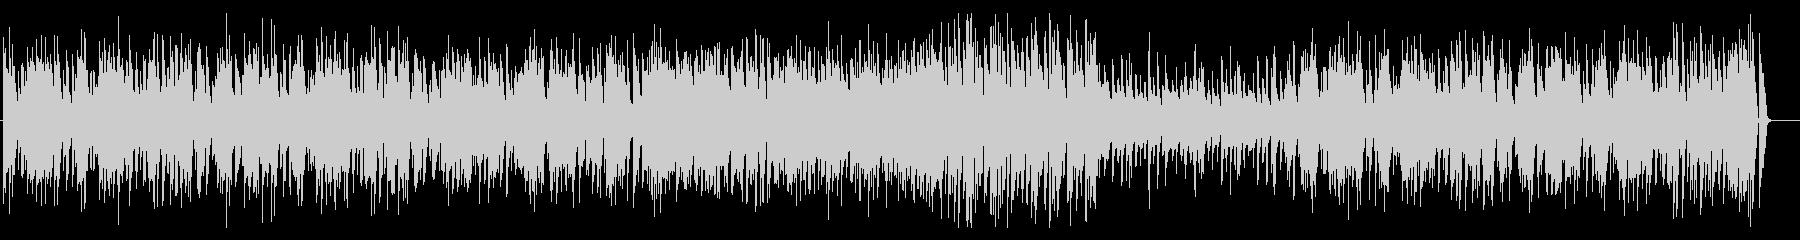 ピアノとベースのデュオの軽快なジャズの未再生の波形